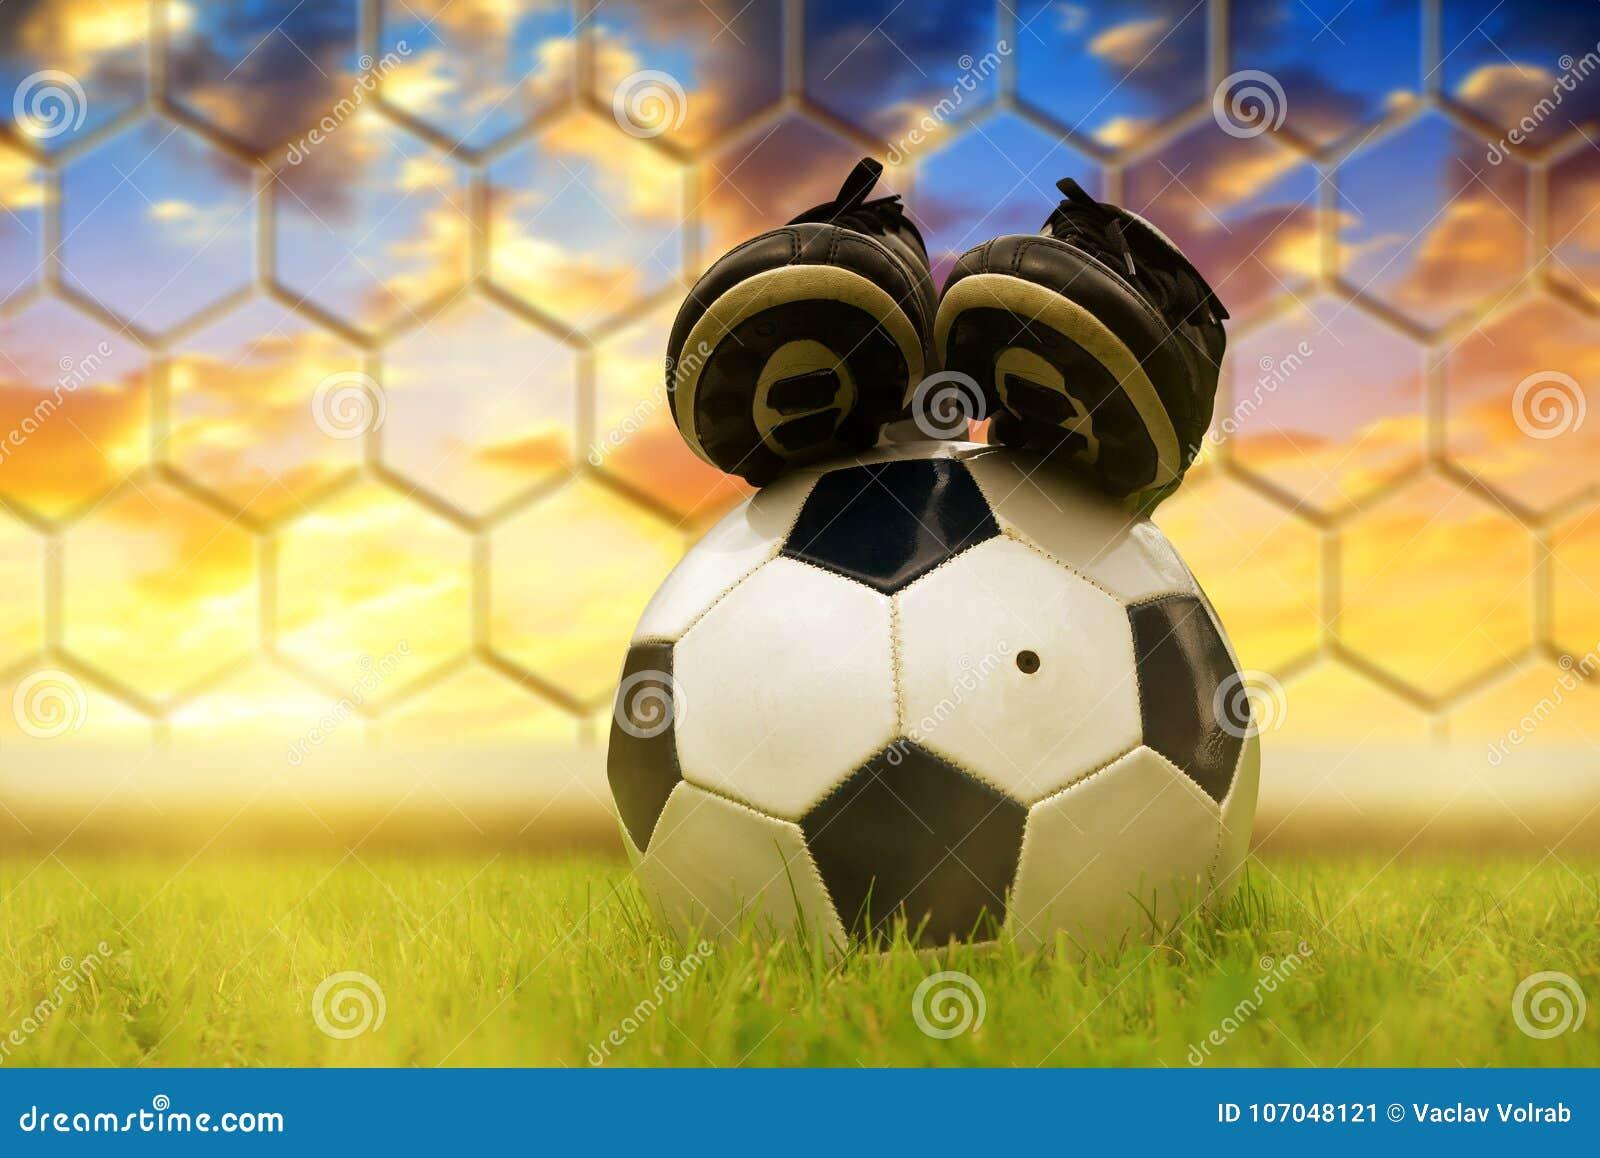 Di Calcio Immagine Rwbxoqdcee Da Pallone Giuoco Campo Scarpe E Sul tQdshxCrBo